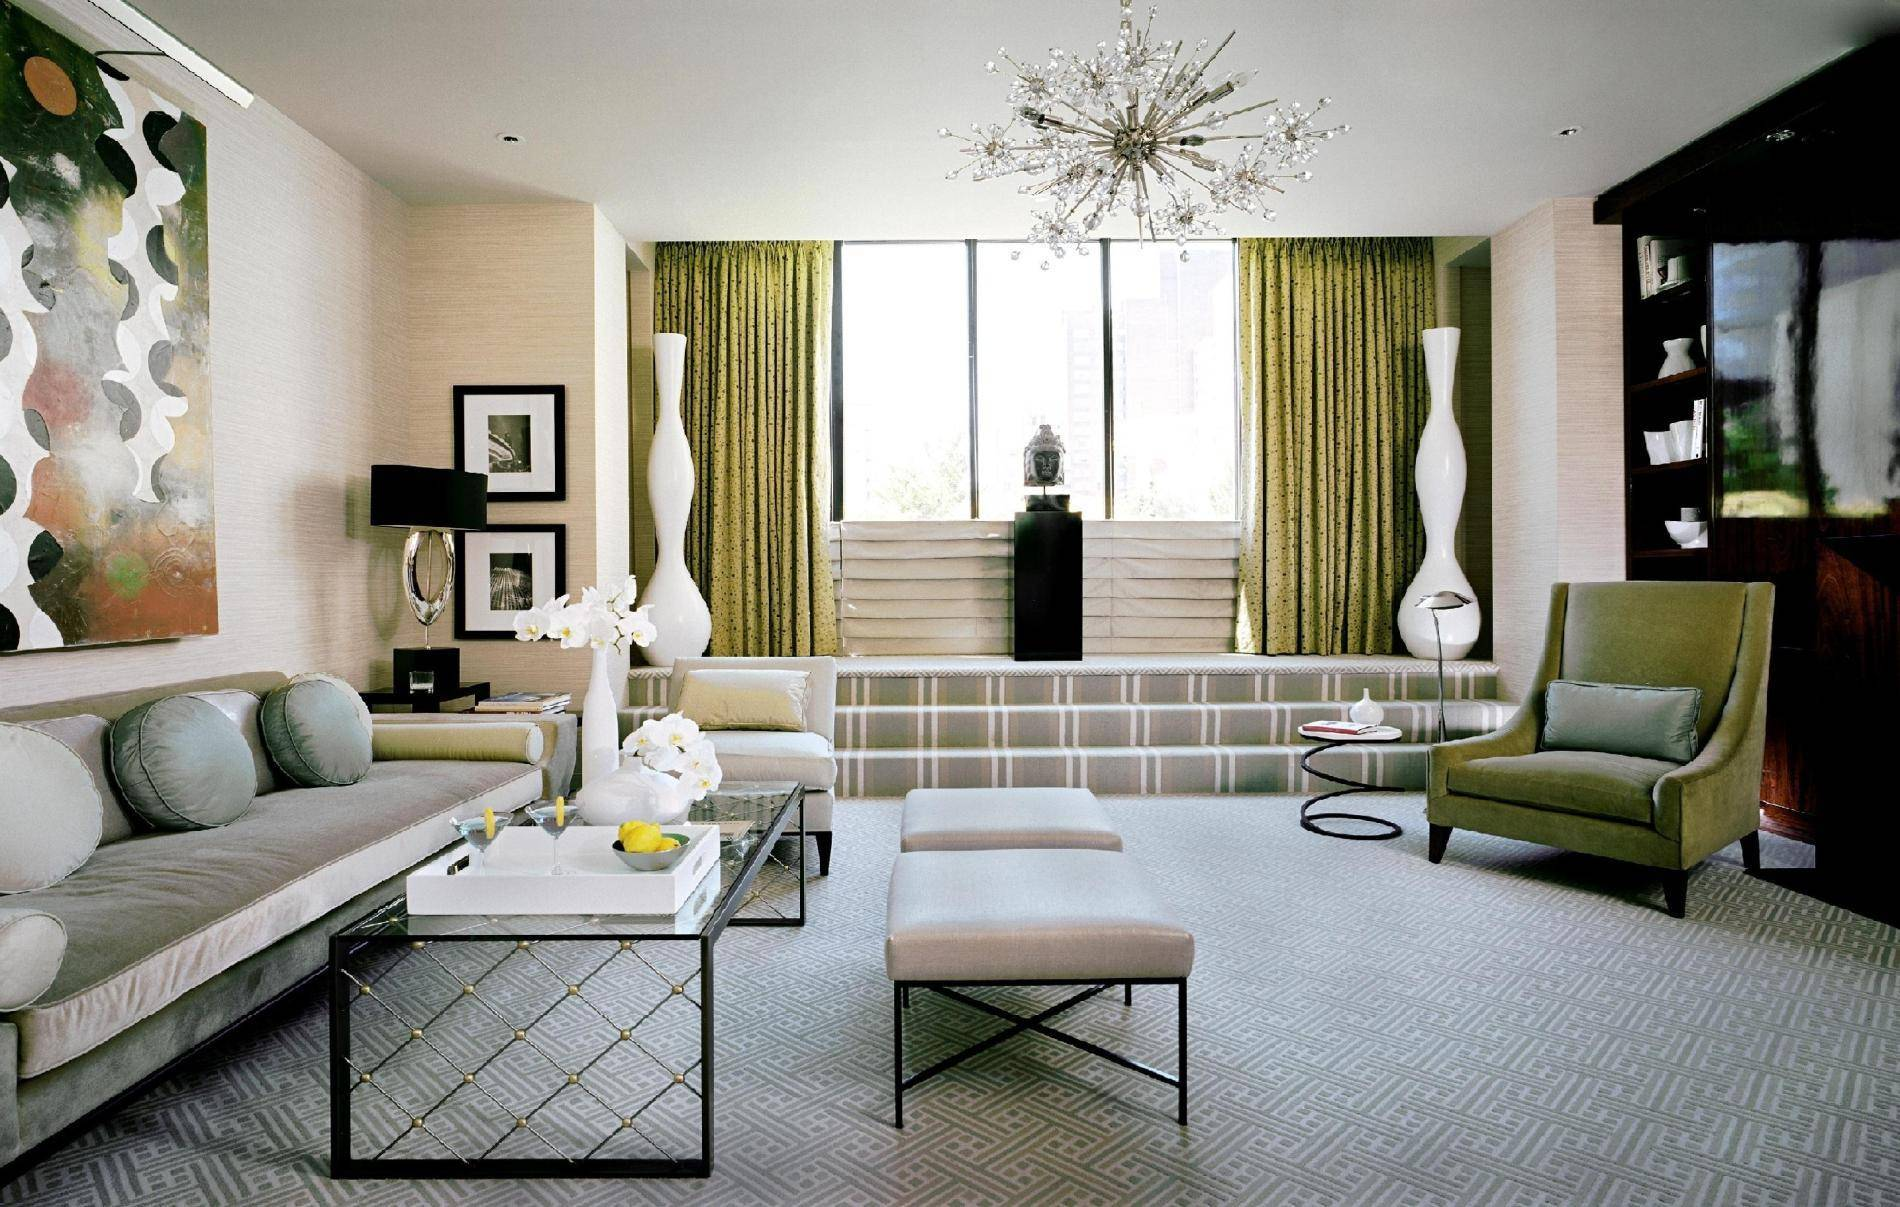 Дизайн интерьера в стиле икеа – самое лучшее соотношение стоимости и качества (40 фото)